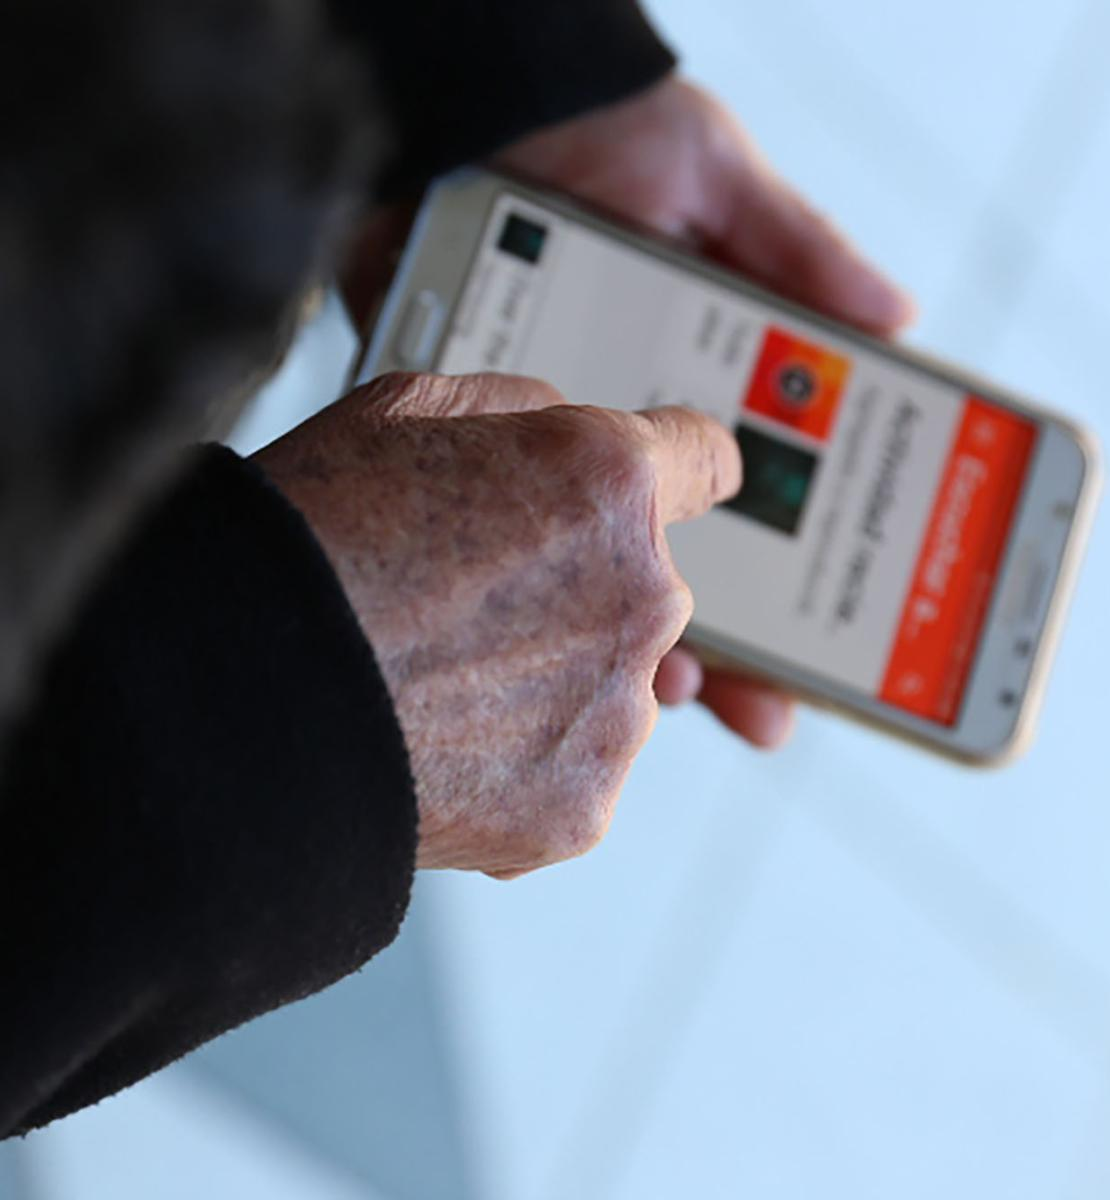 Gros plan sur les mains d'une personne utilisant une application mobile sur son téléphone portable.